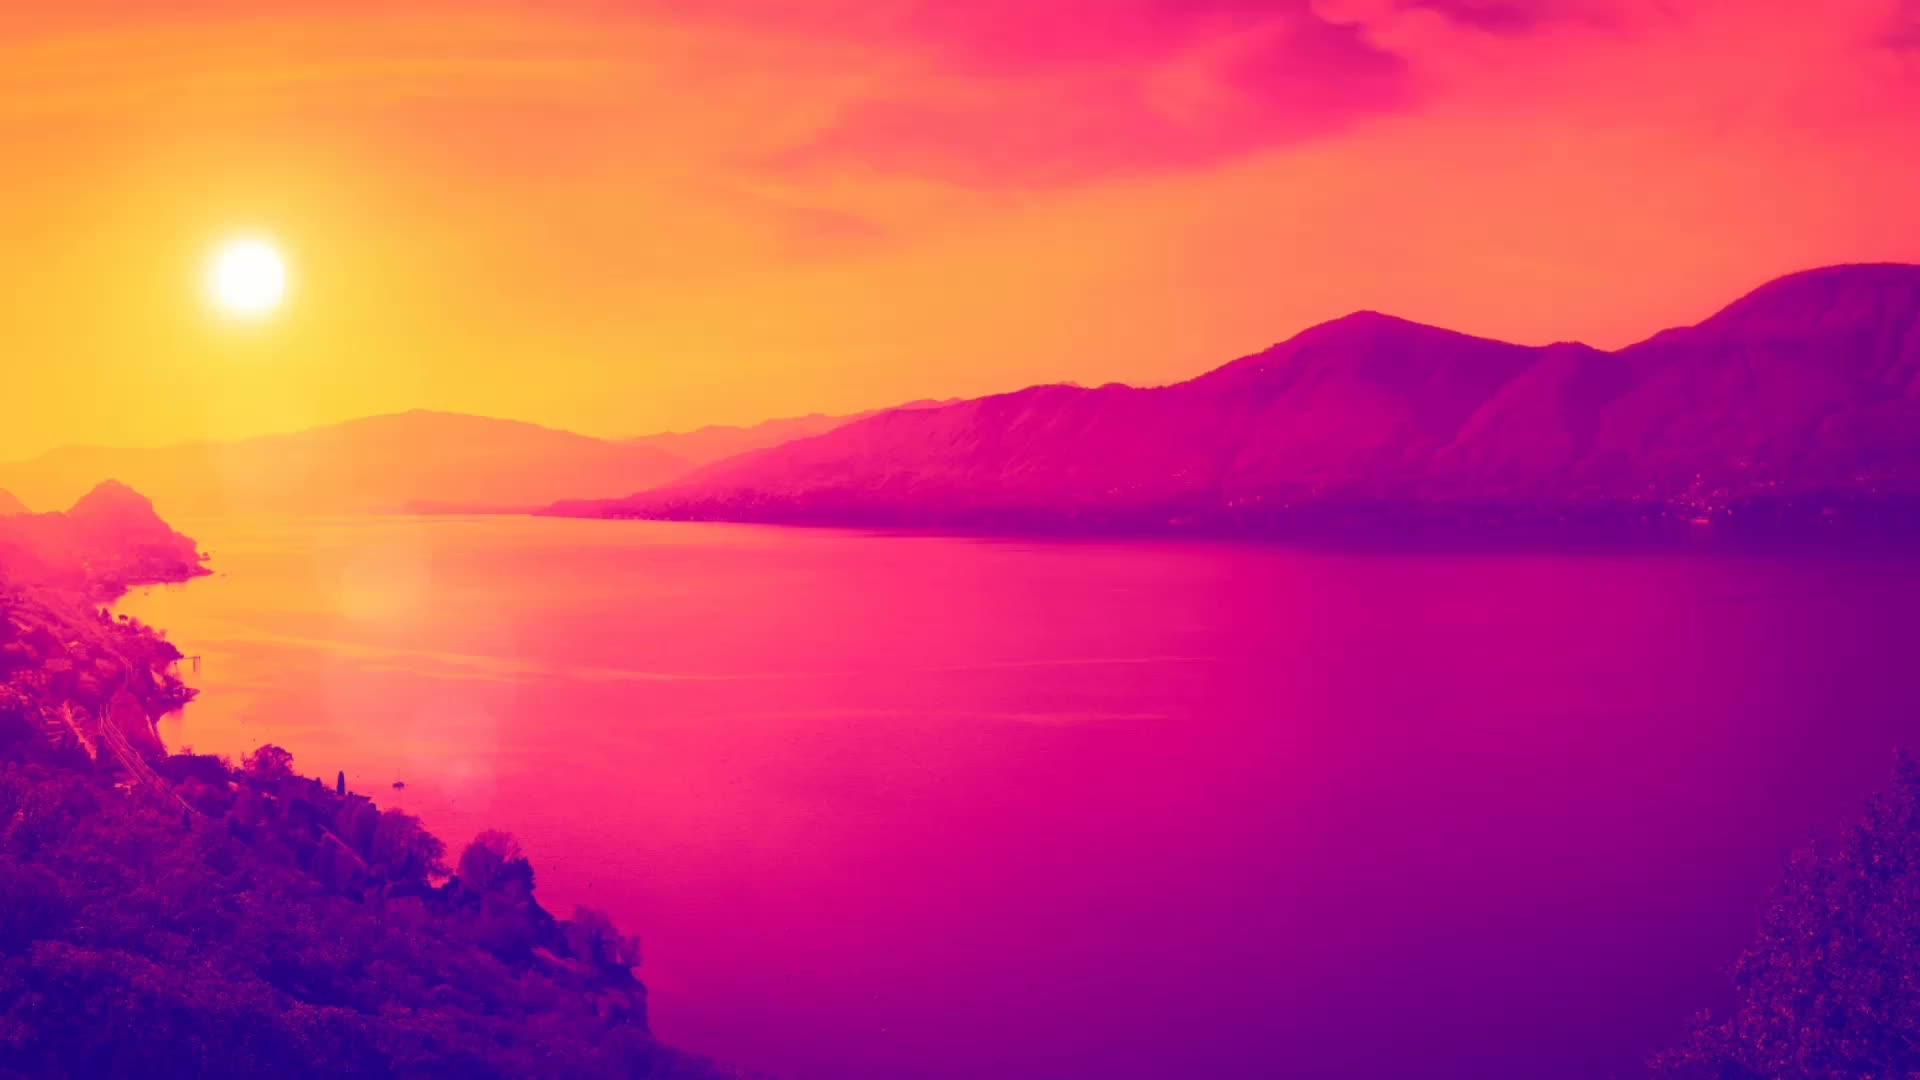 唯美浪漫中国风山水视频素材